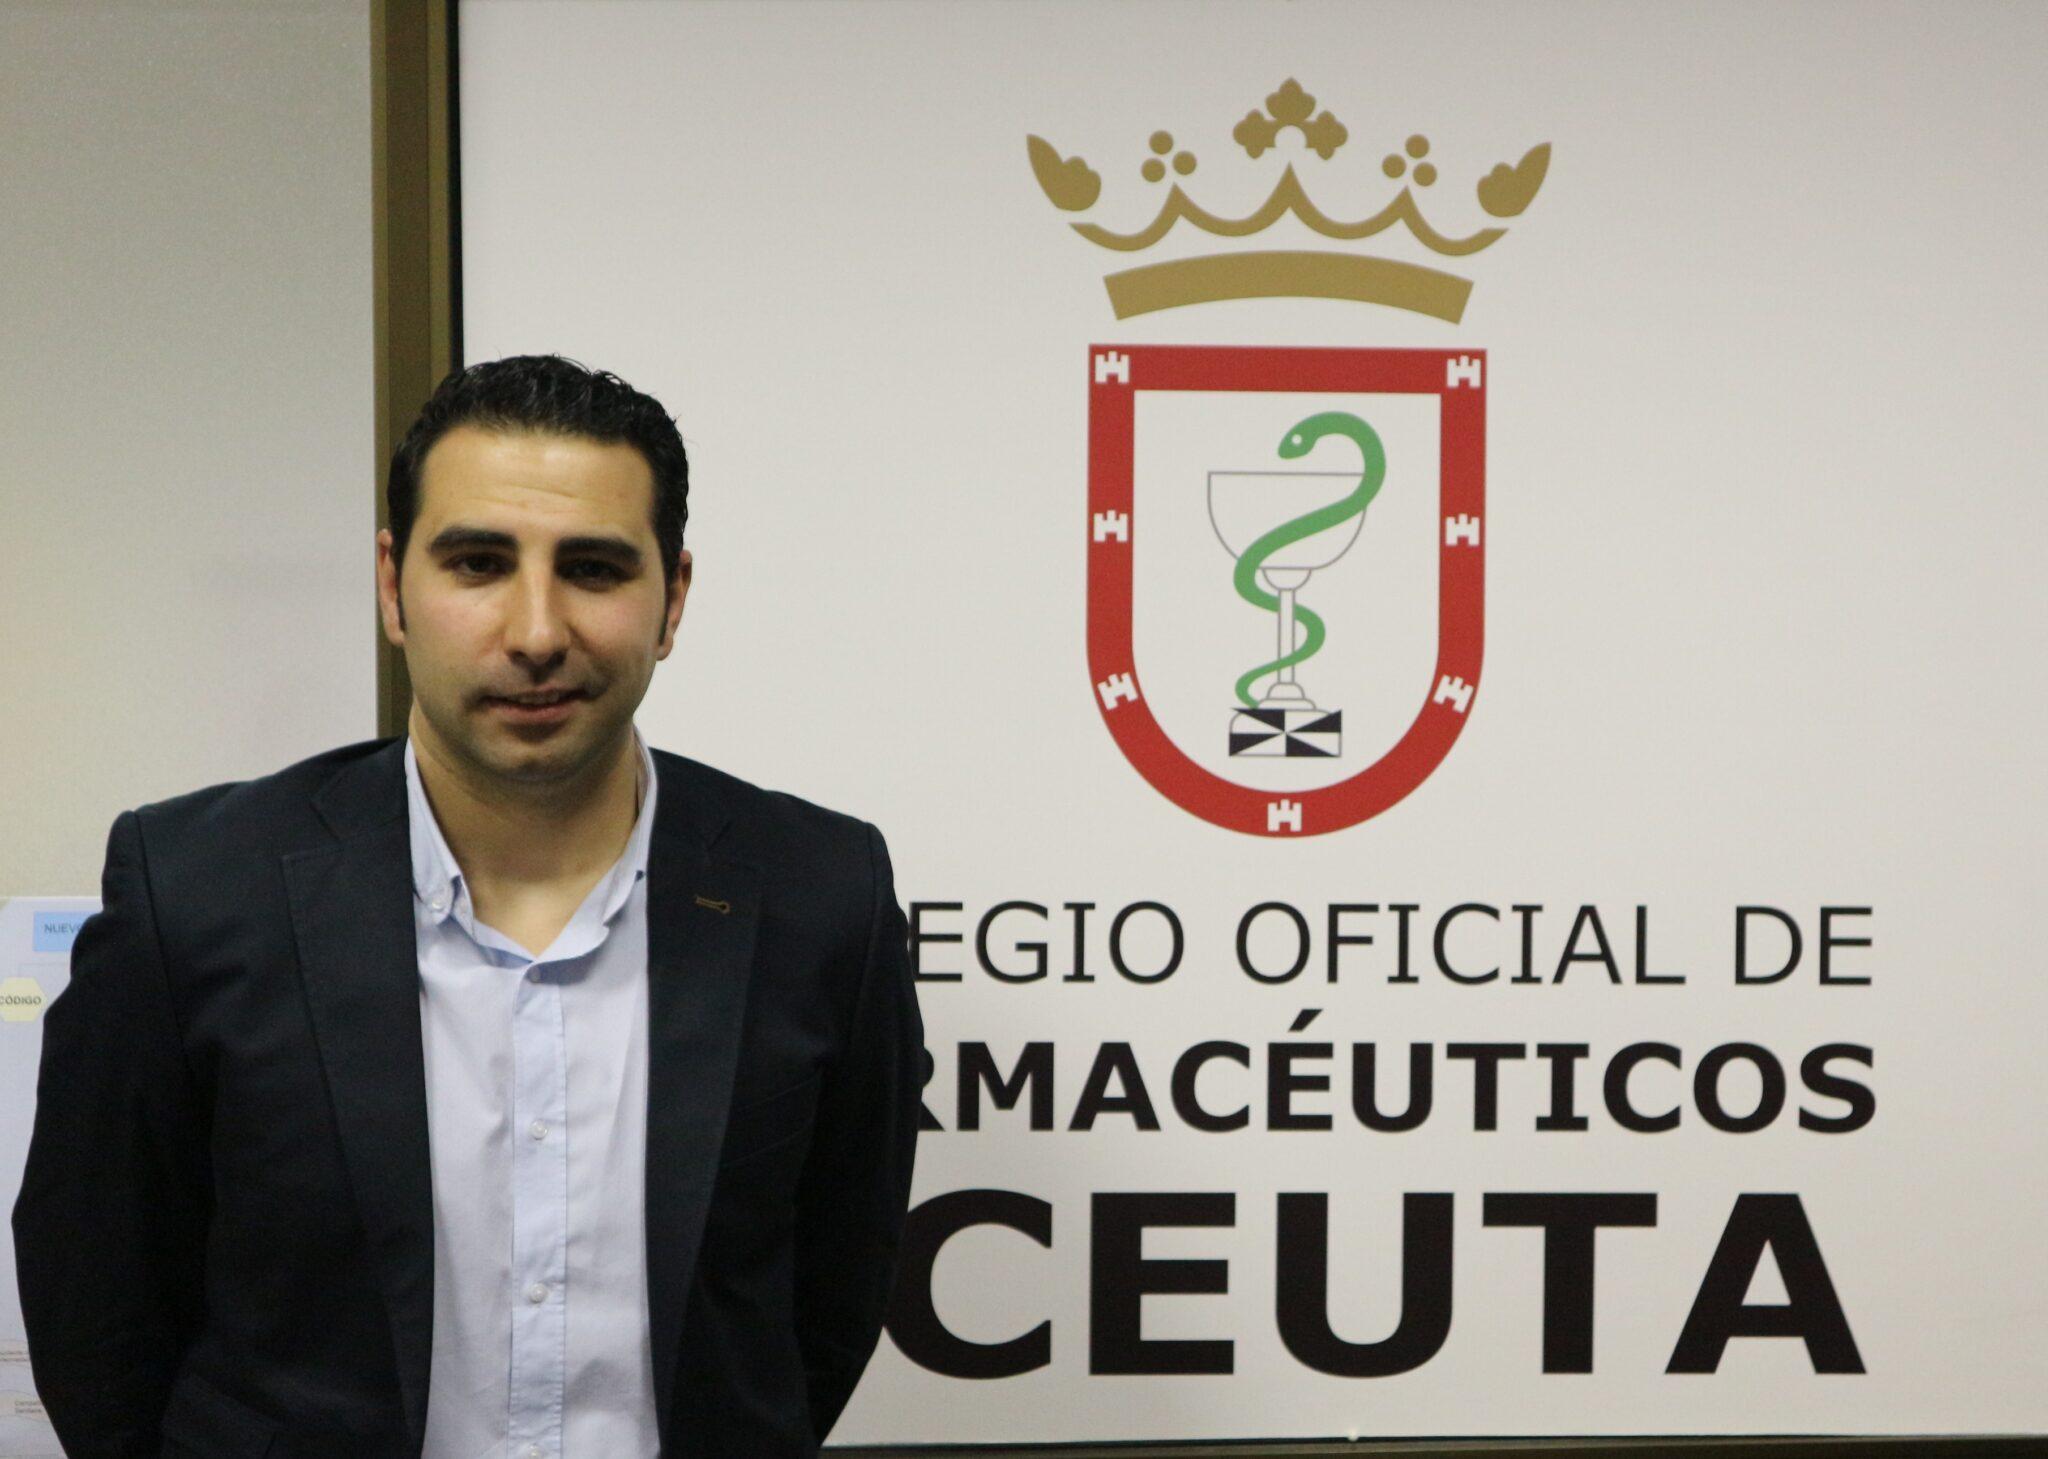 Antonio José Ruíz Gualda